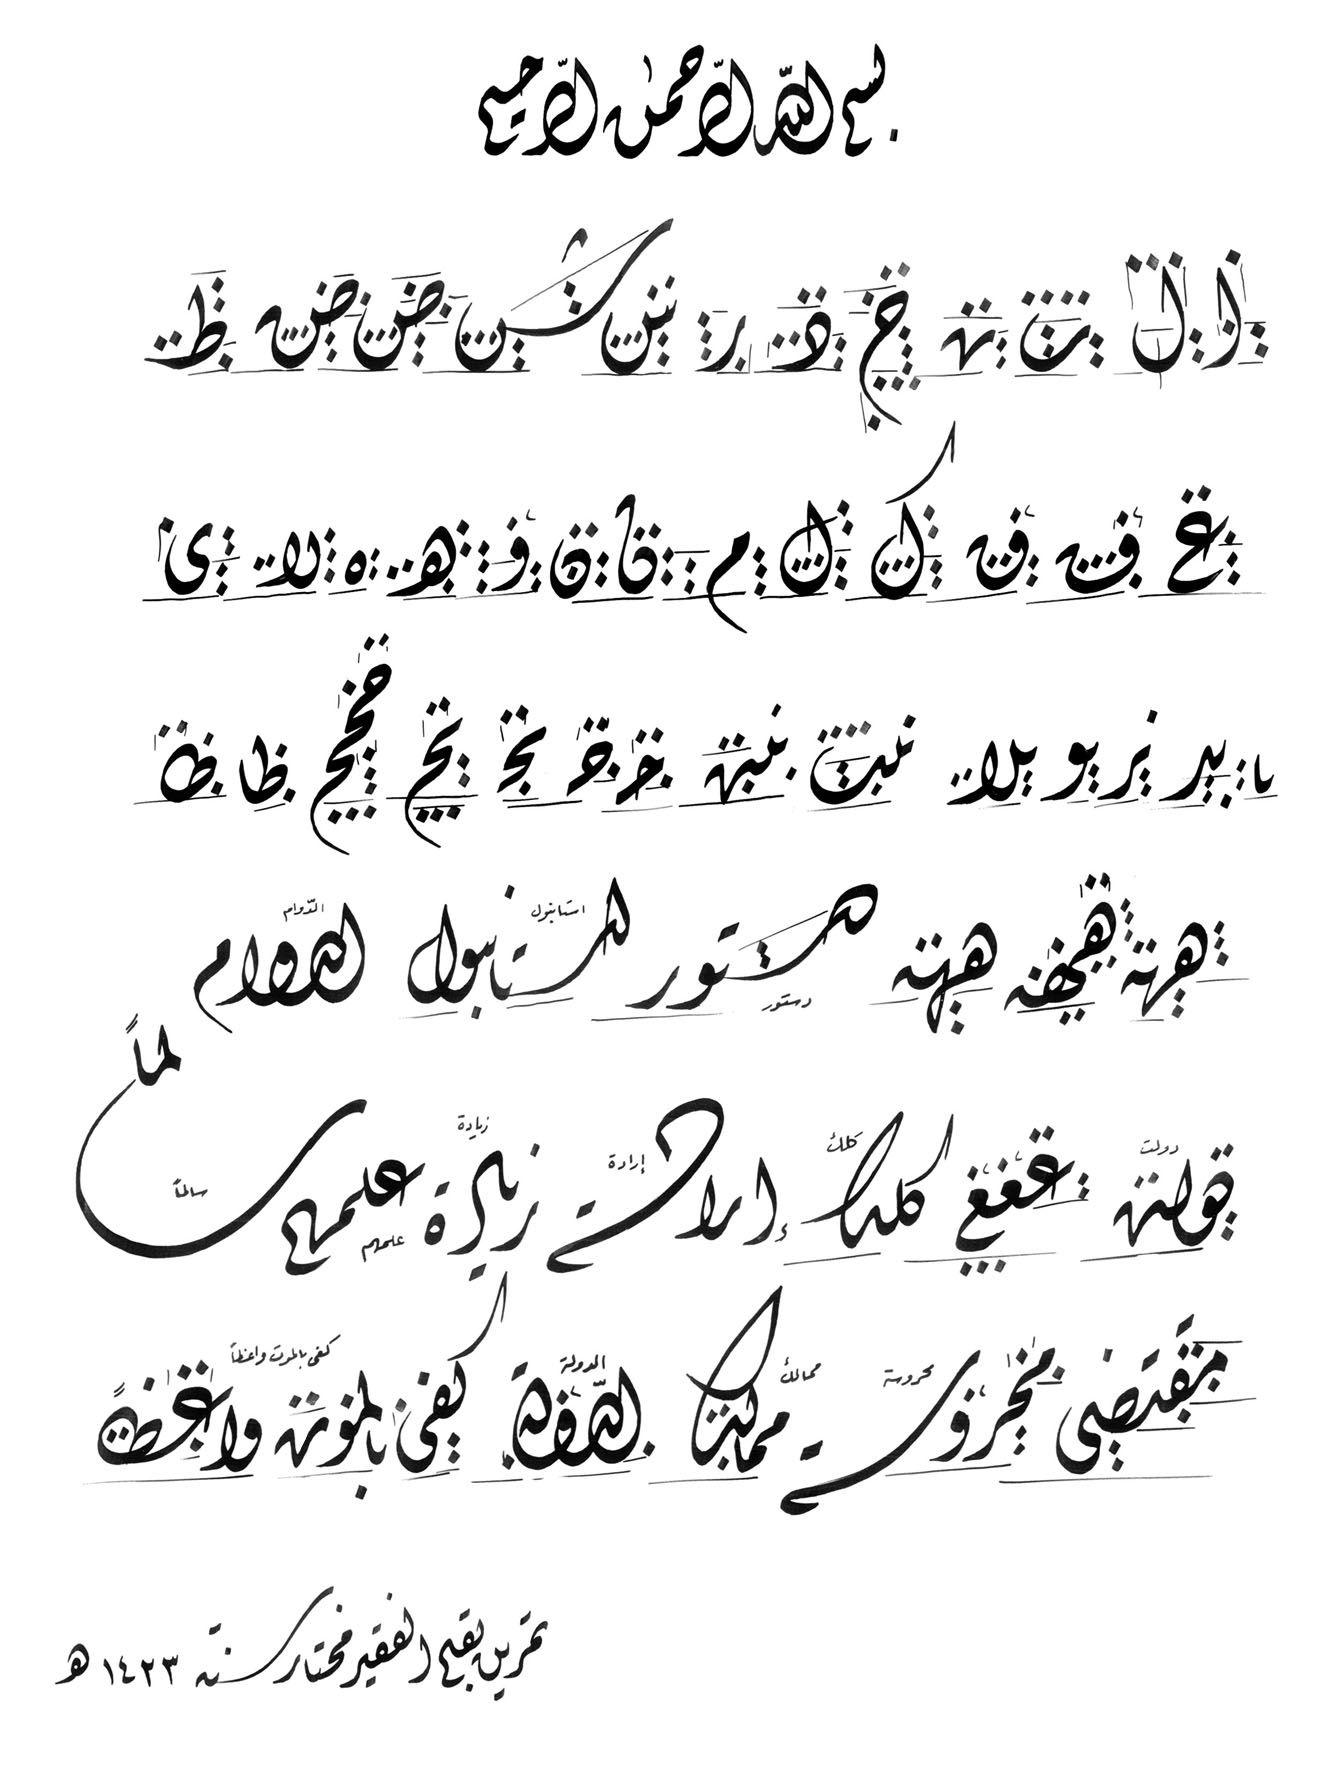 نماذج للخط الديواني جامعة أم القرى Islamic Calligraphy Arabic Calligraphy Art Arabic Calligraphy